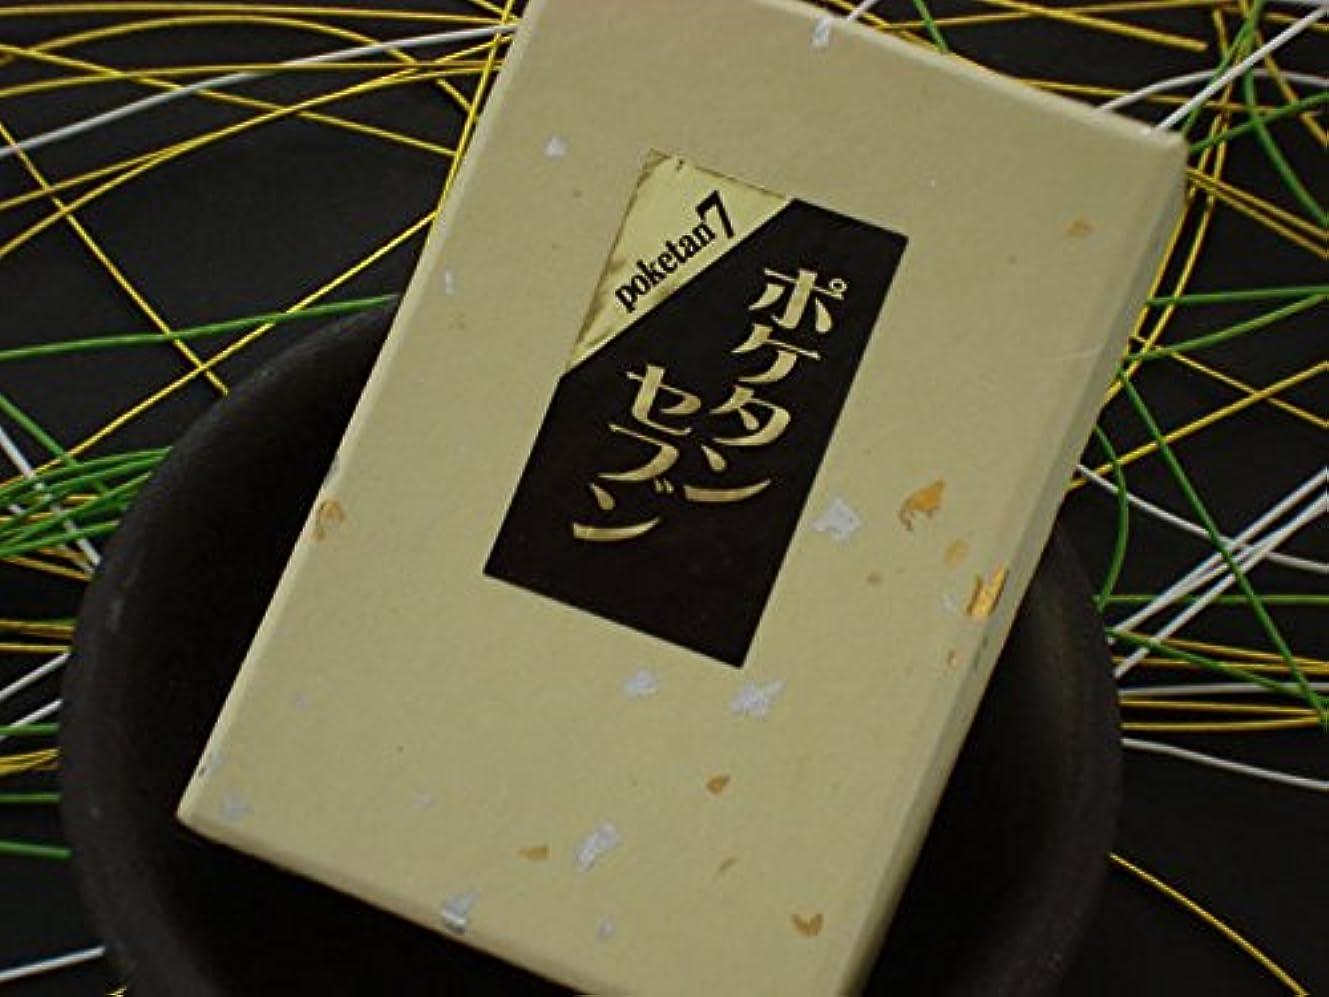 発火する乱す継承1000円ポッキリ ポケタンセブン 【スティック】 7種の香り 【お香】